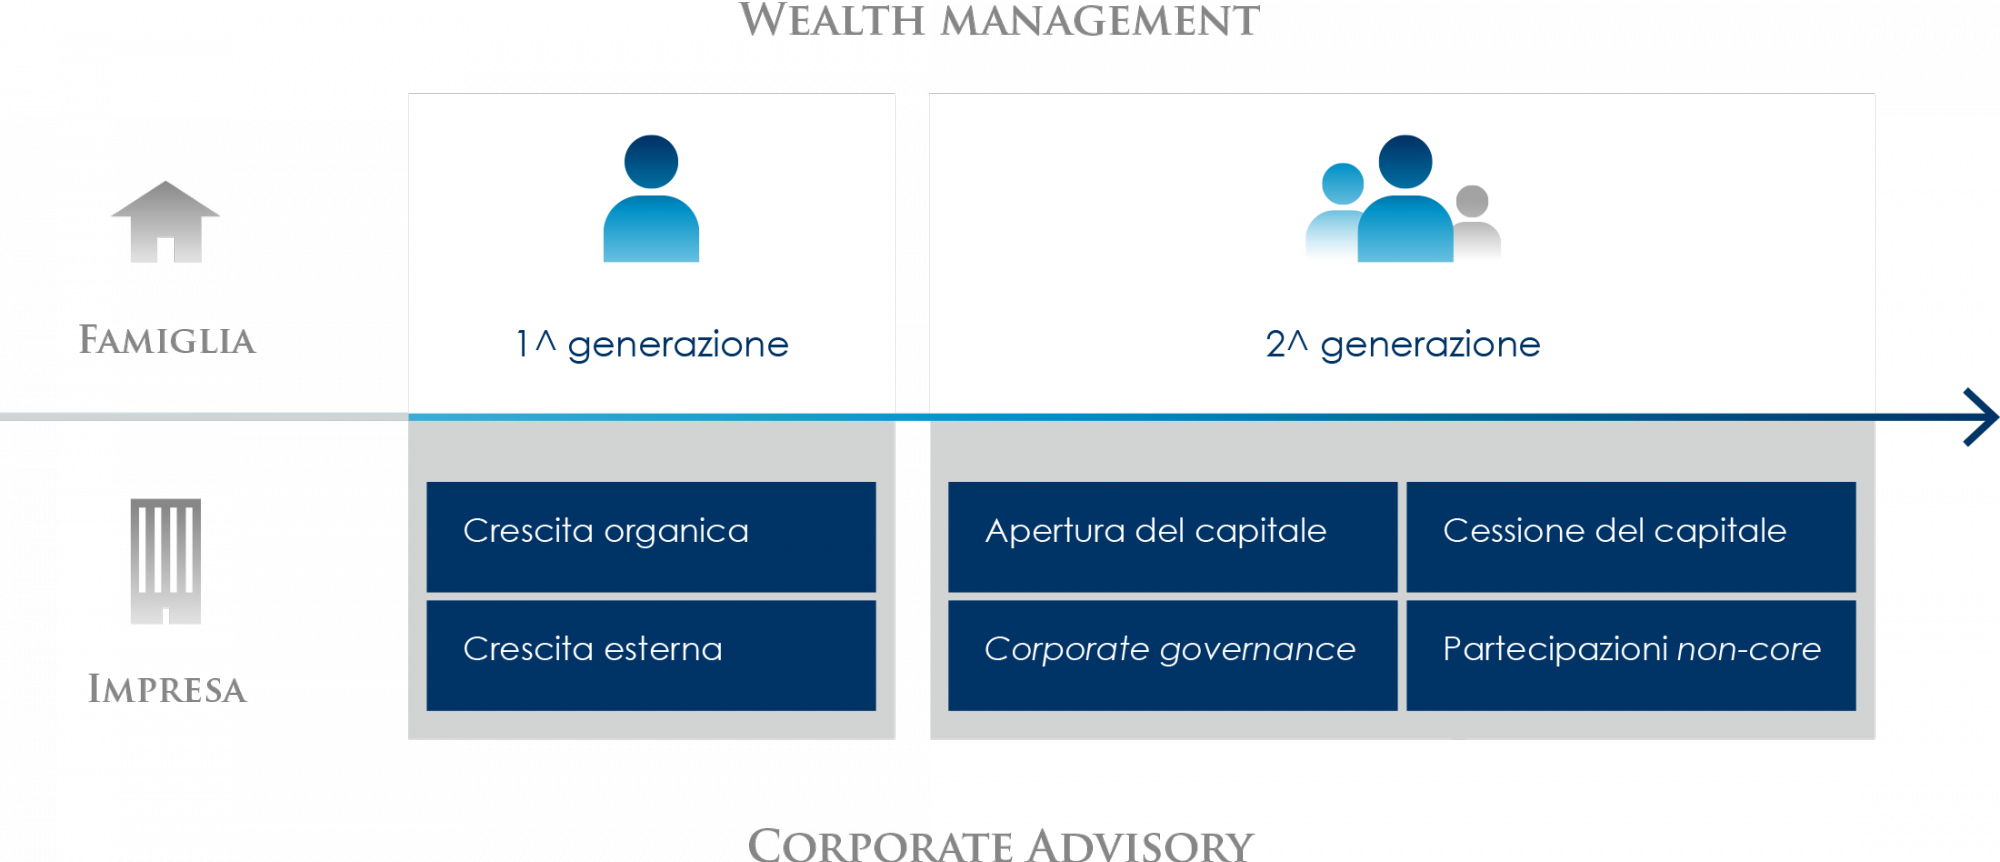 Servizi di Wealth Management - Corporate Advisory - Famiglia e Impresa